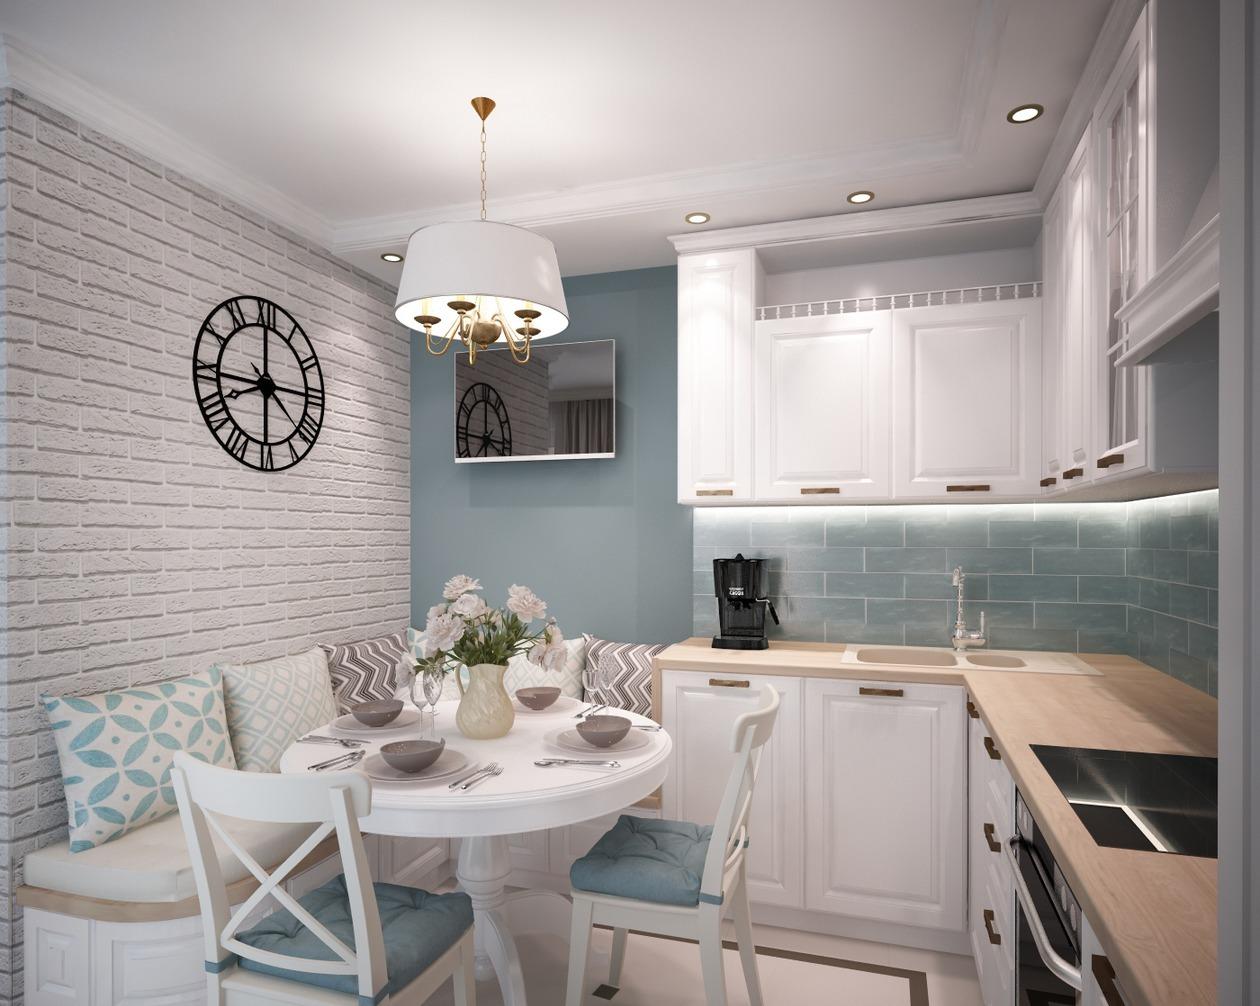 кухня 10 кв м с диваном дизайн идеи